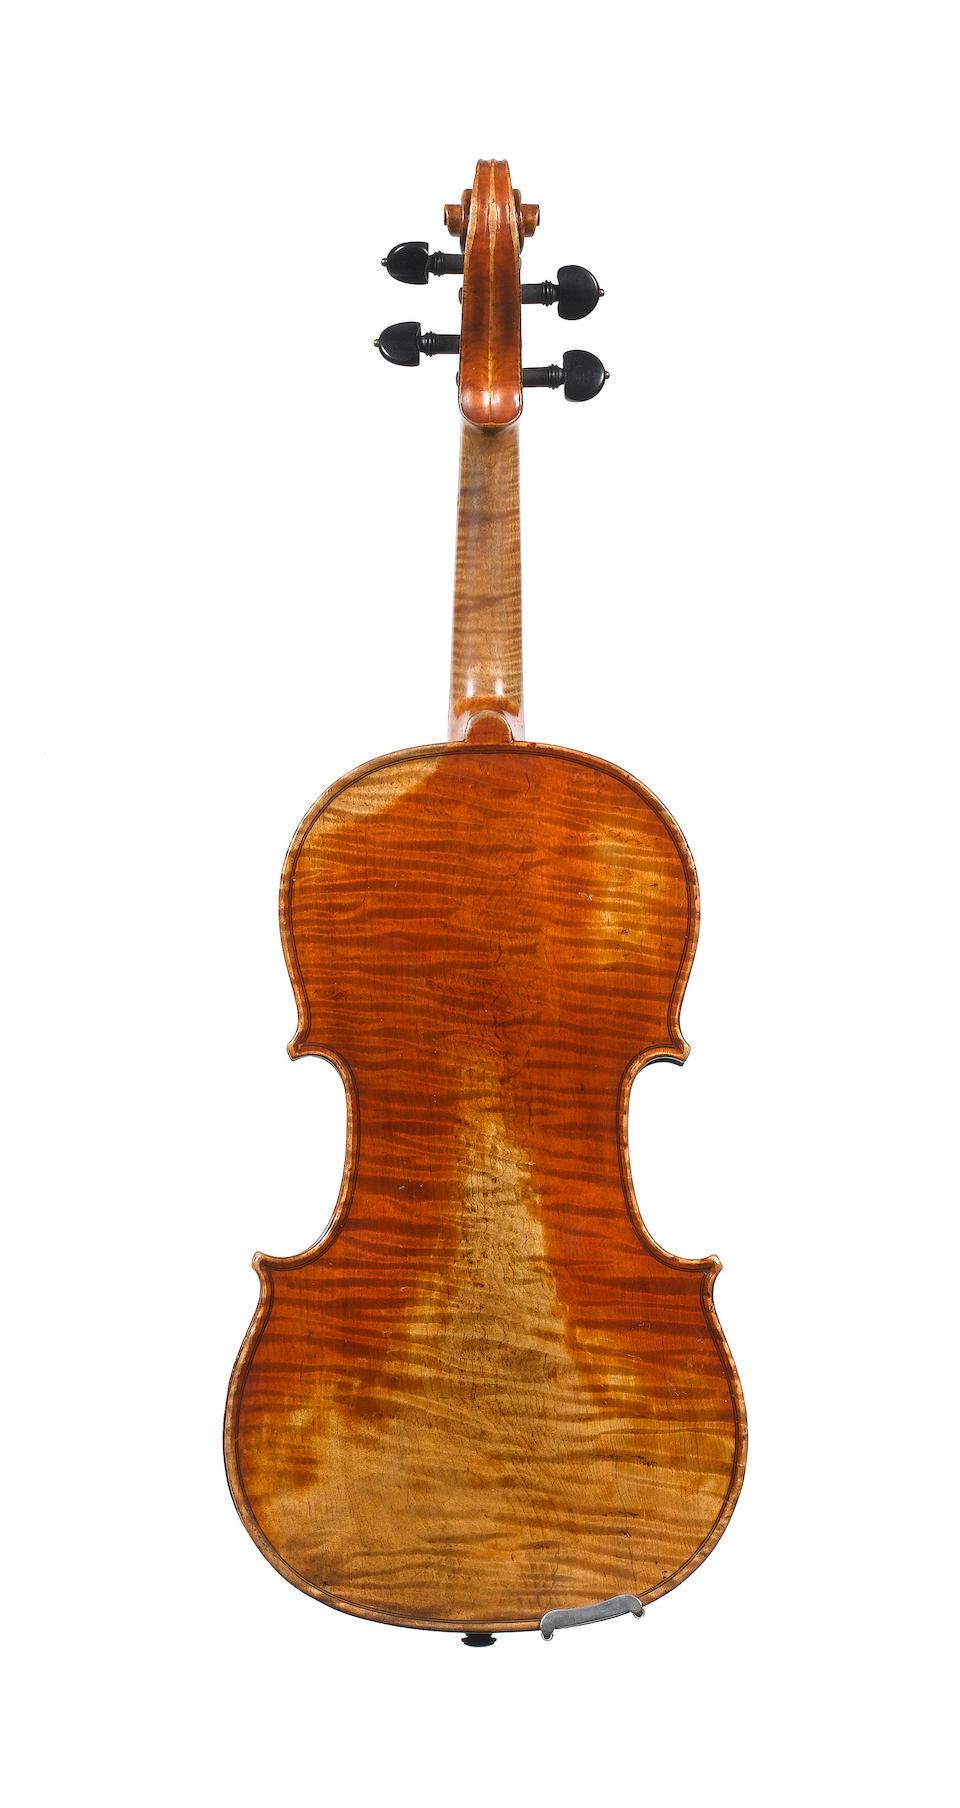 A fine French Violin by H Derazey, France circa 1850